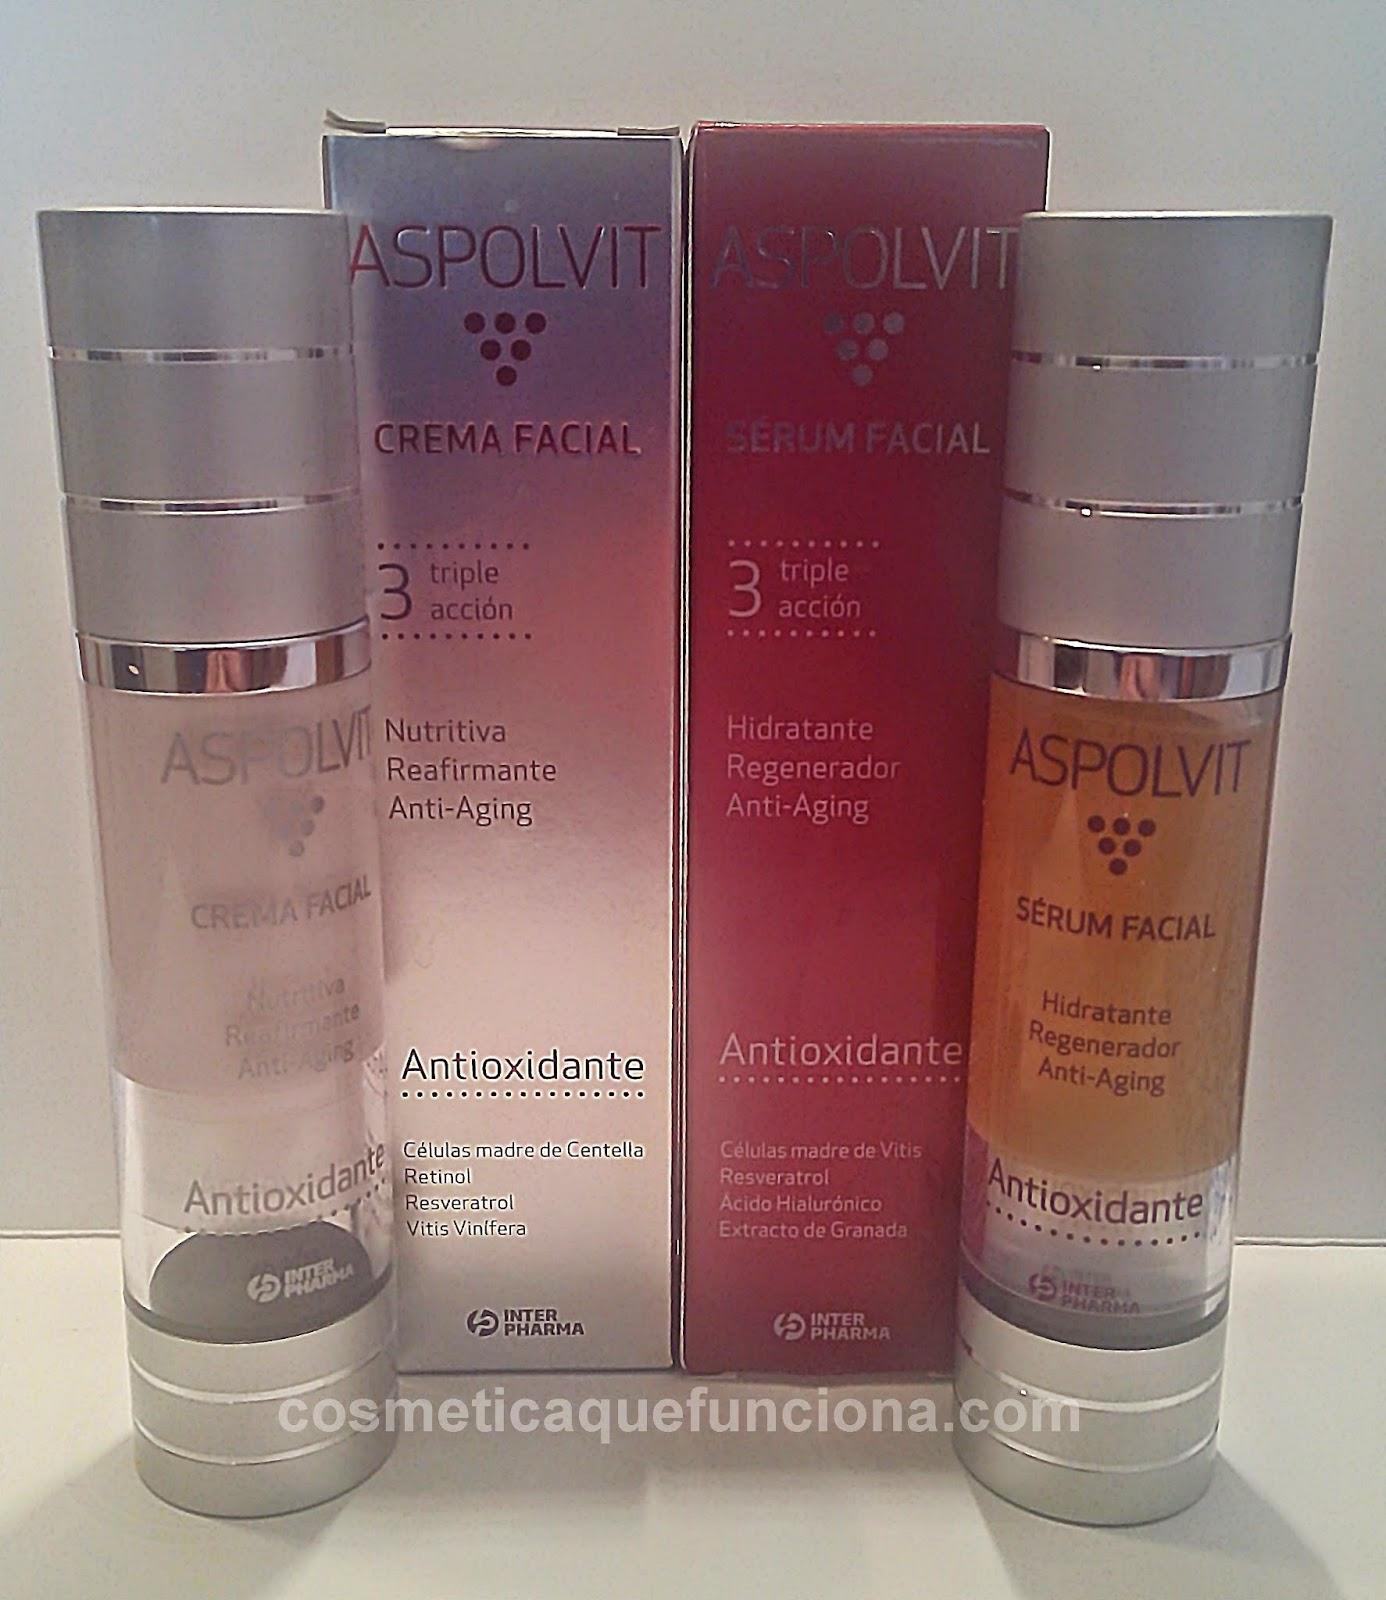 serum y crema aspolvit